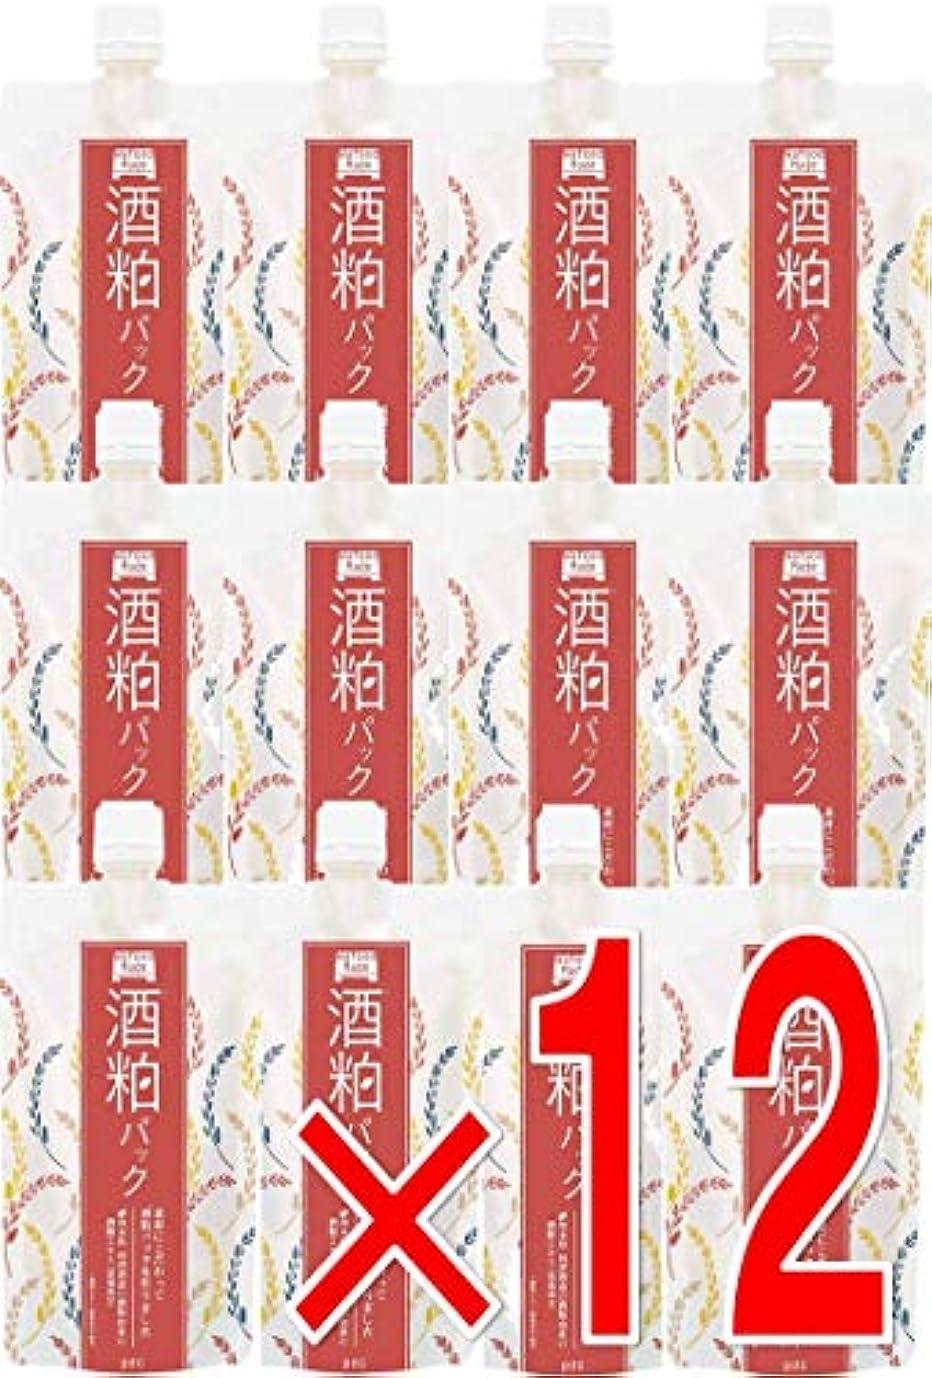 ハウジング前投薬アサー【 12個 】 ワフードメイド (Wafood Made) 酒粕パック 170g 日本製